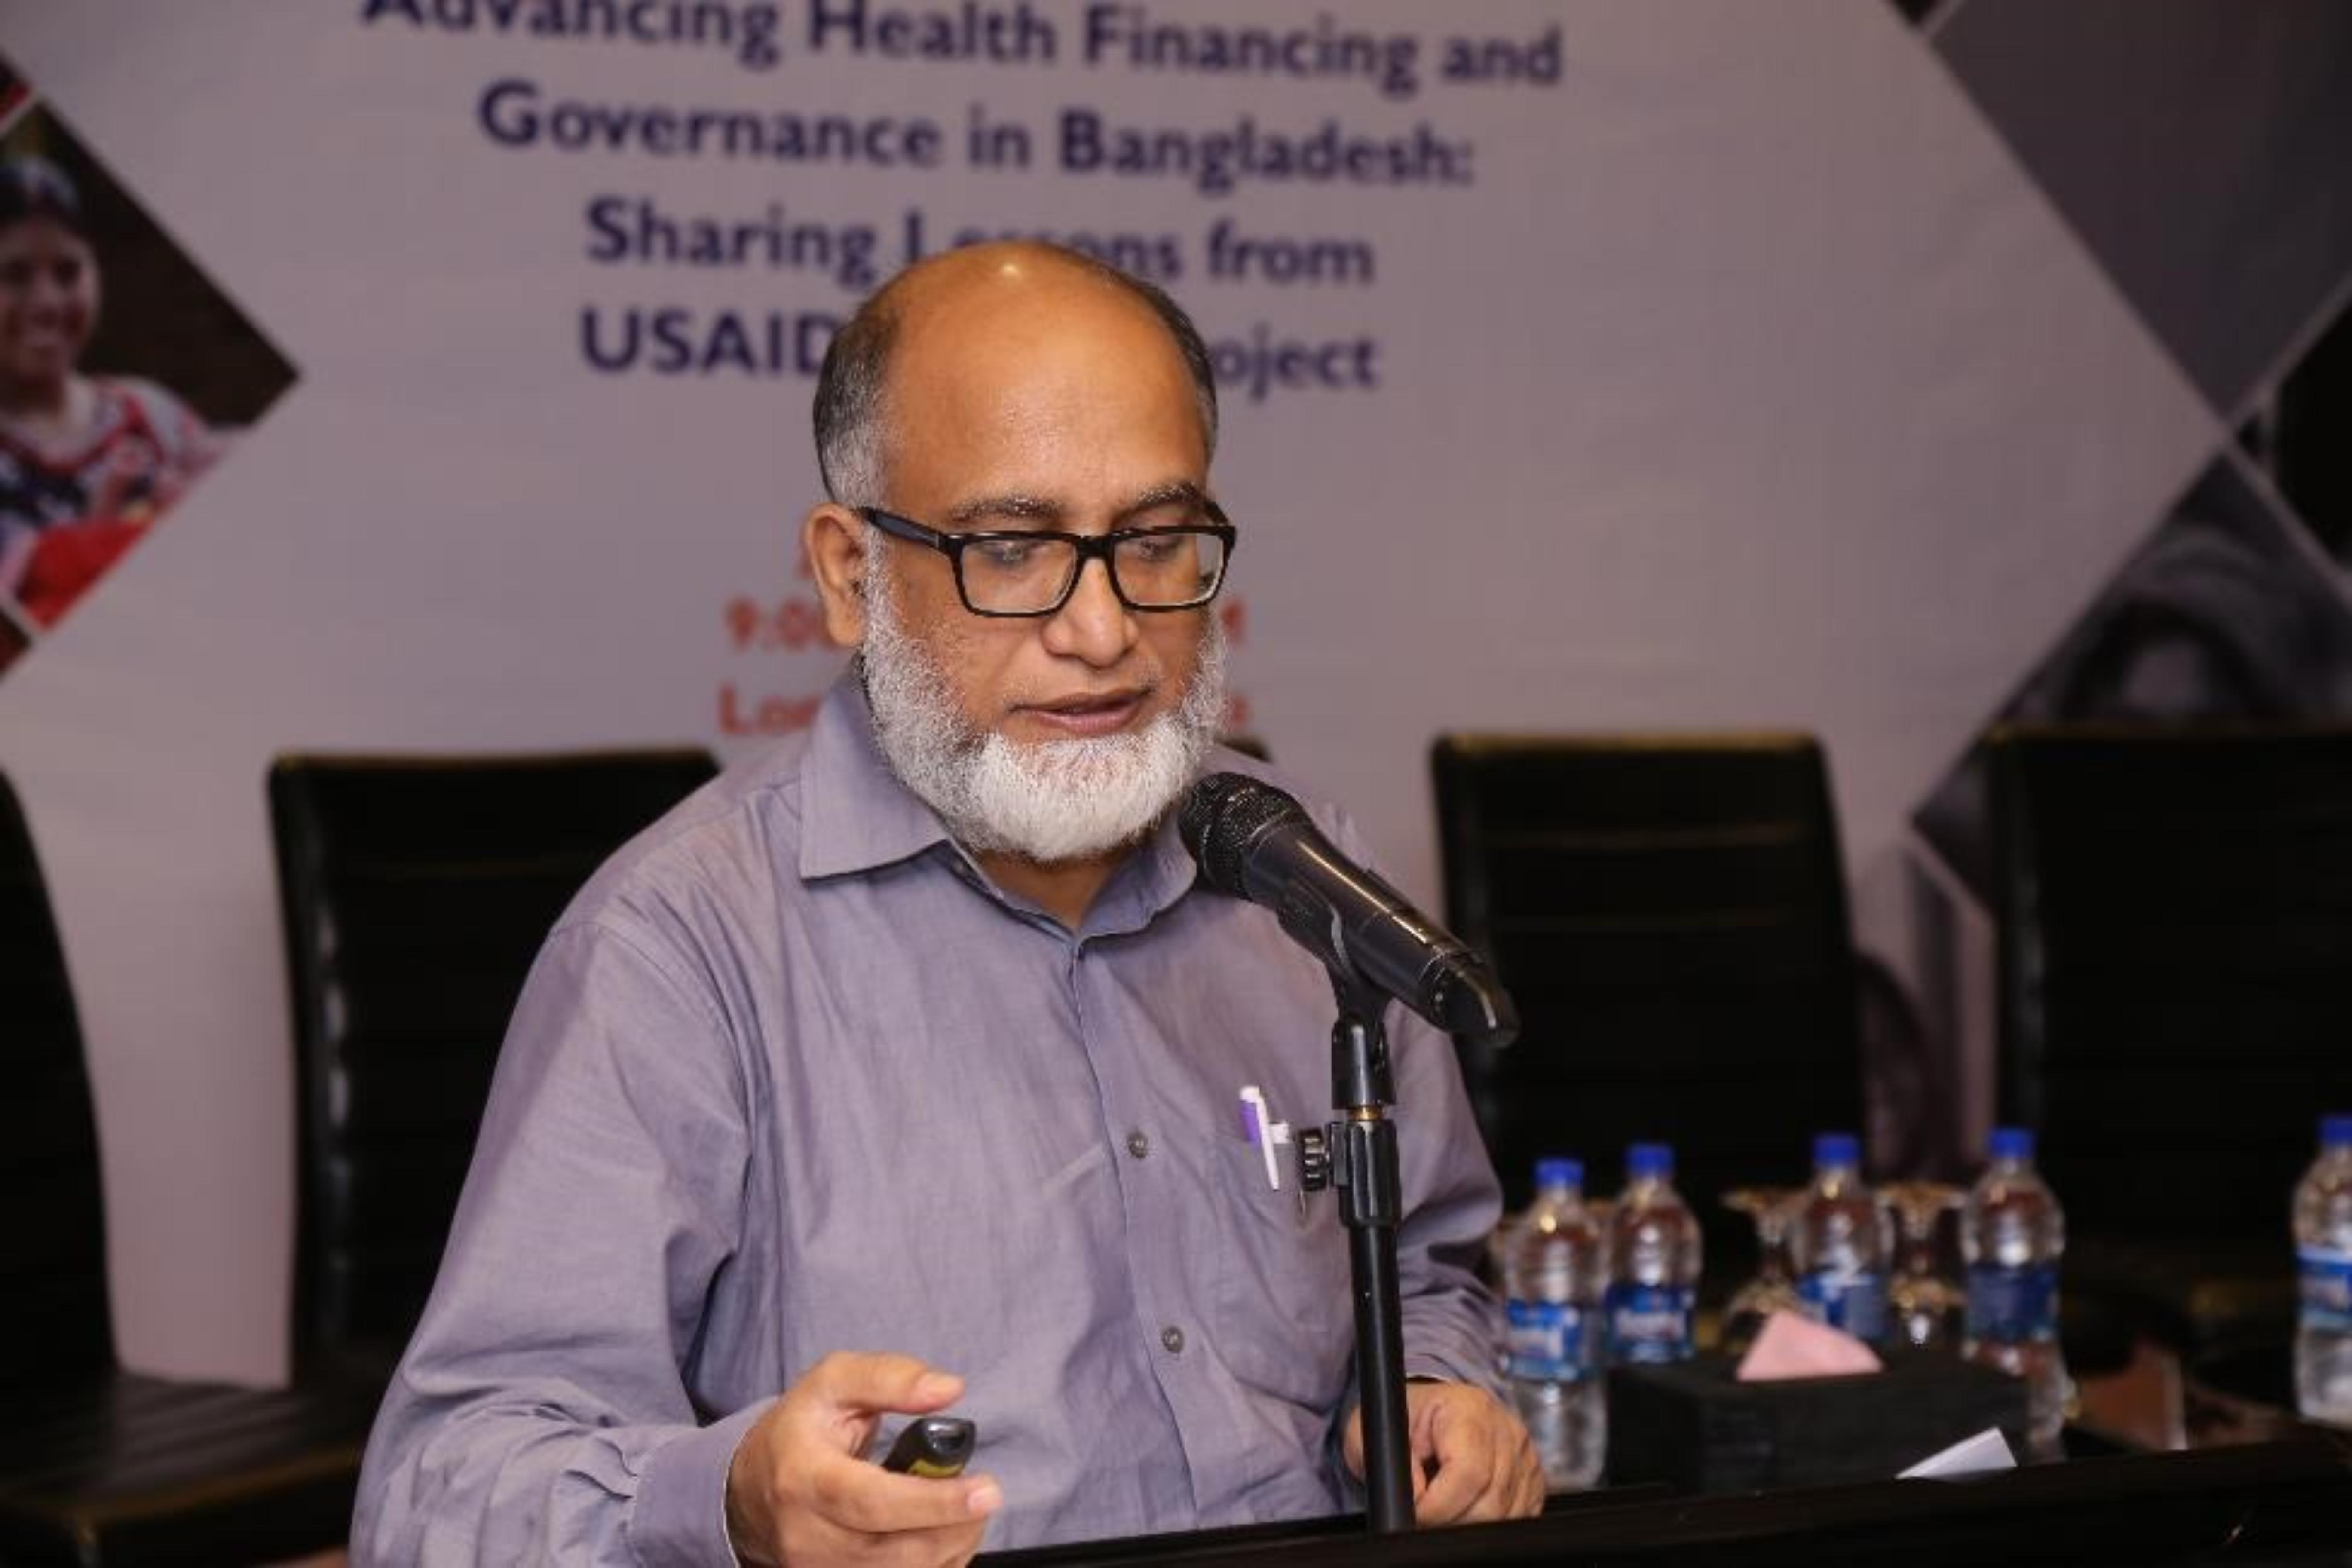 Dr. A. E. Md. Muhiuddin Osmani